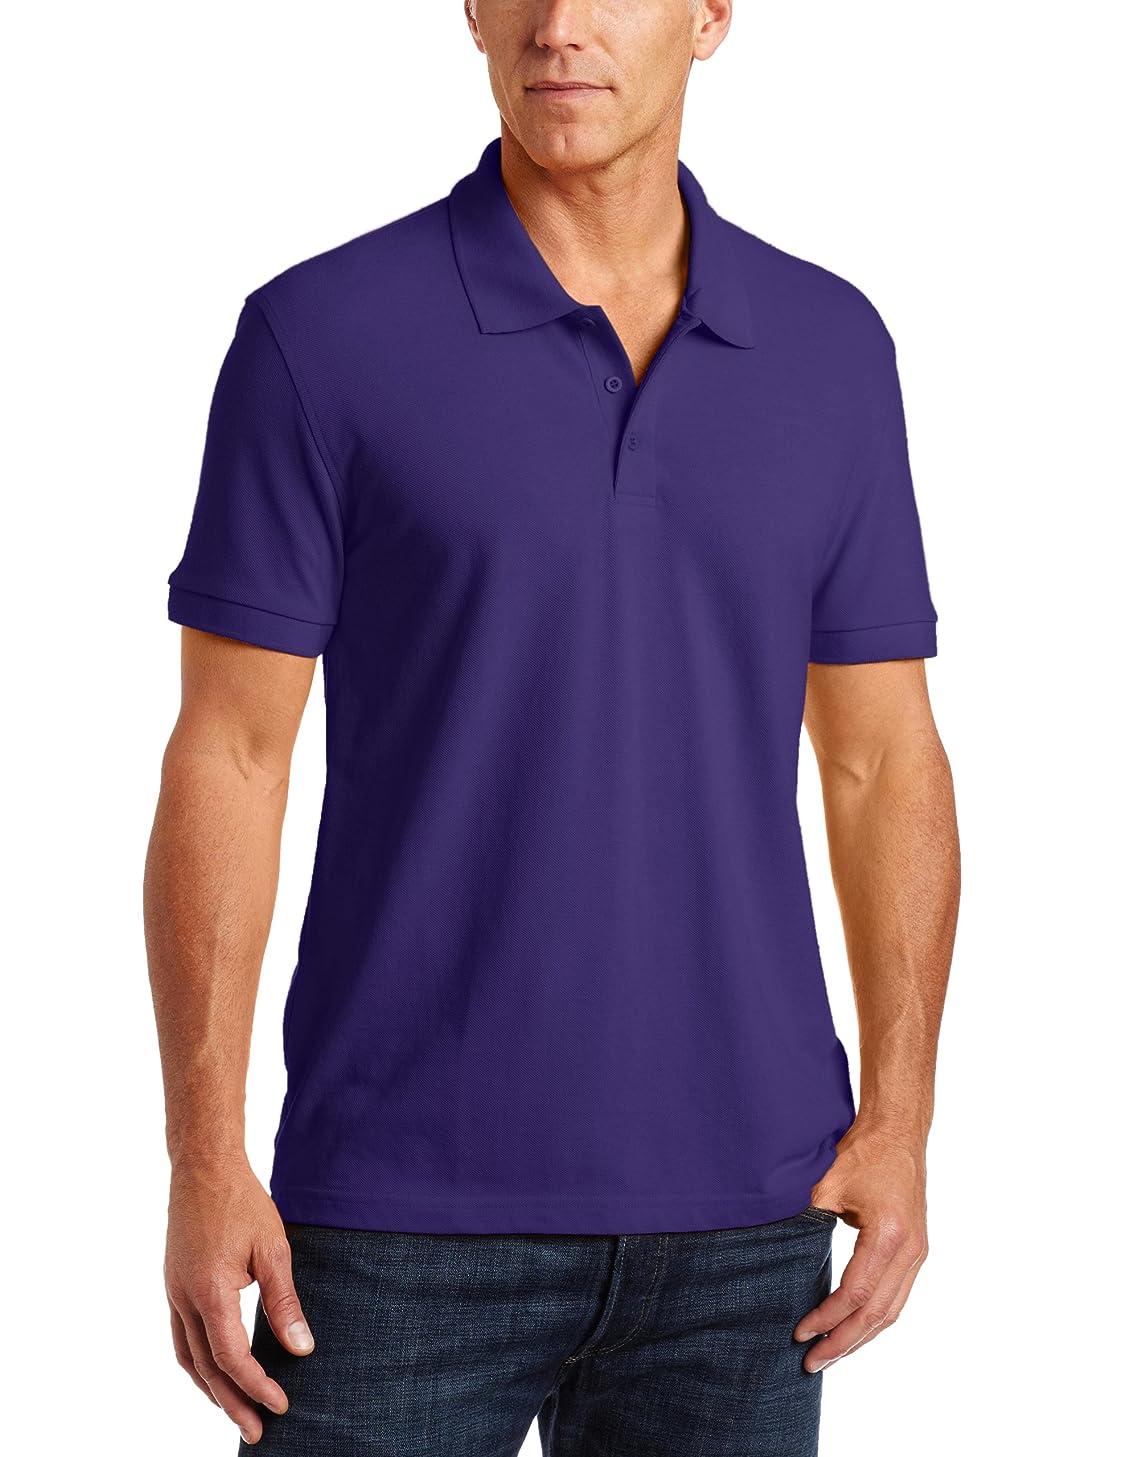 Classroom School Uniforms Men's Adult Unisex Short Sleeve Pique Polo, Purple, 3XL